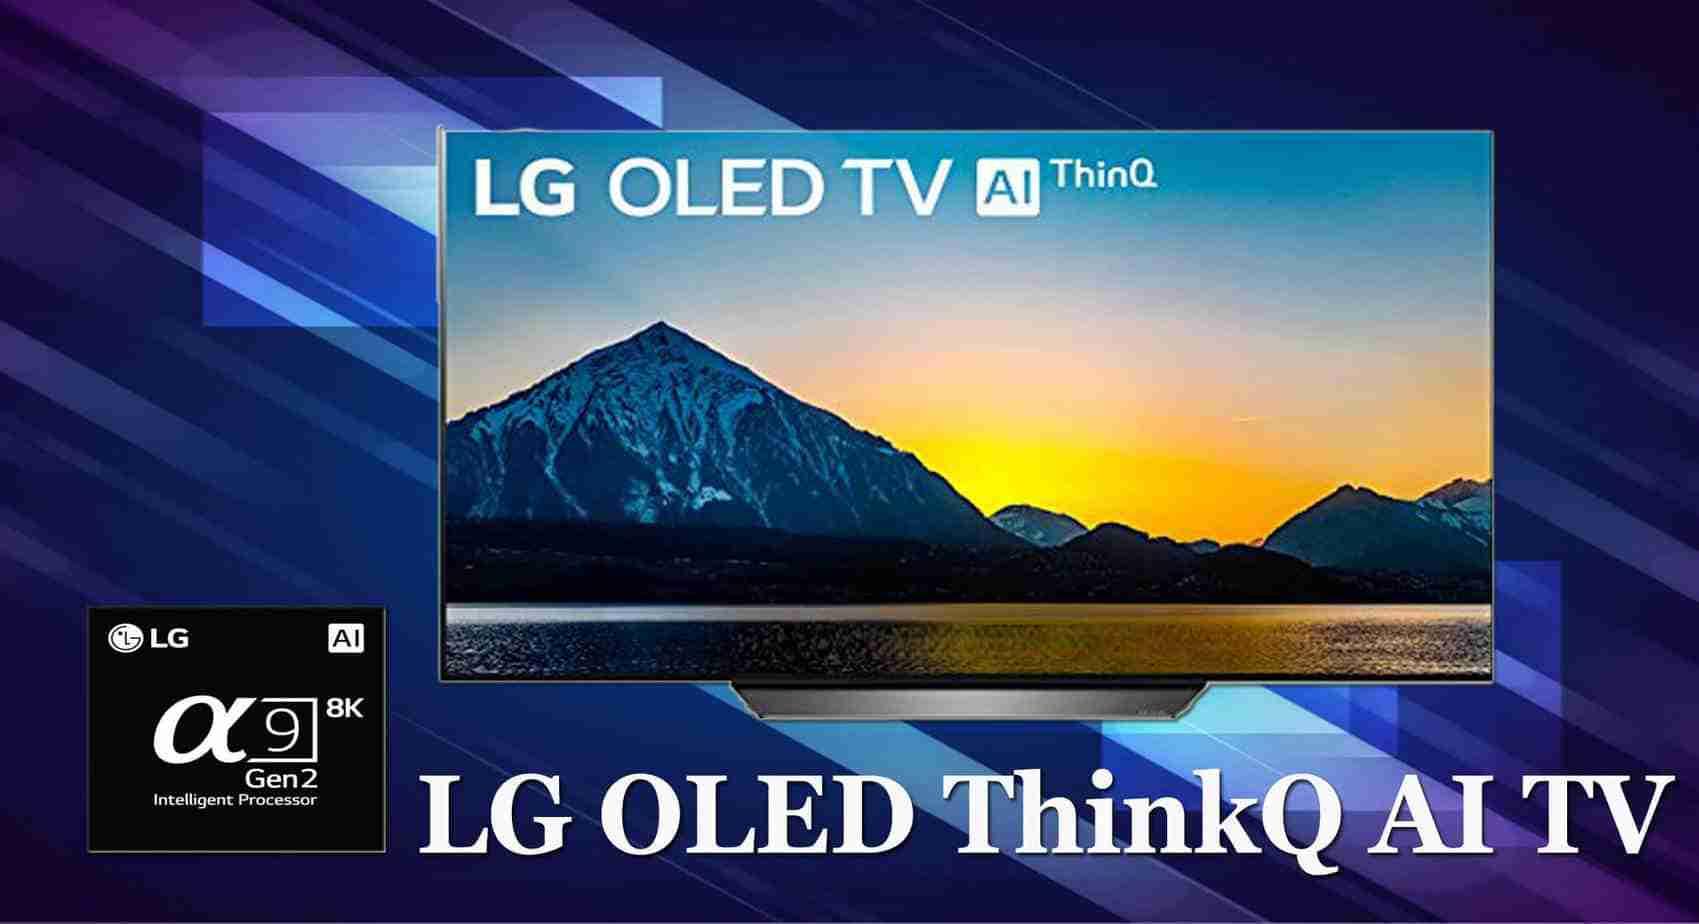 LG Brings Giant 8K TVs in LG CES 2019